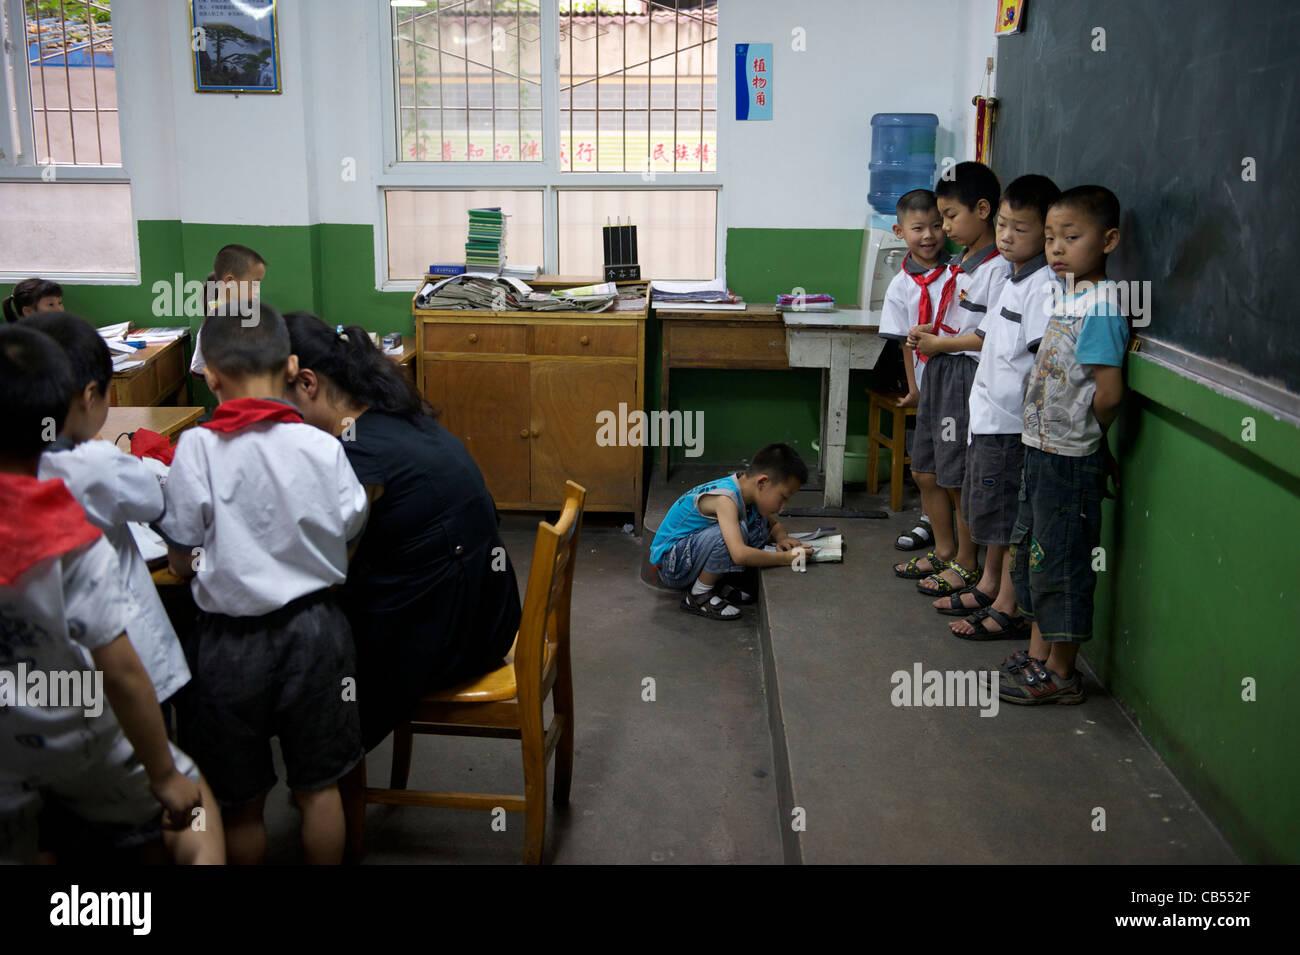 Enseignant fait 4 élèves sont devant le tableau noir dans la classe comme une punition dans une école Photo Stock